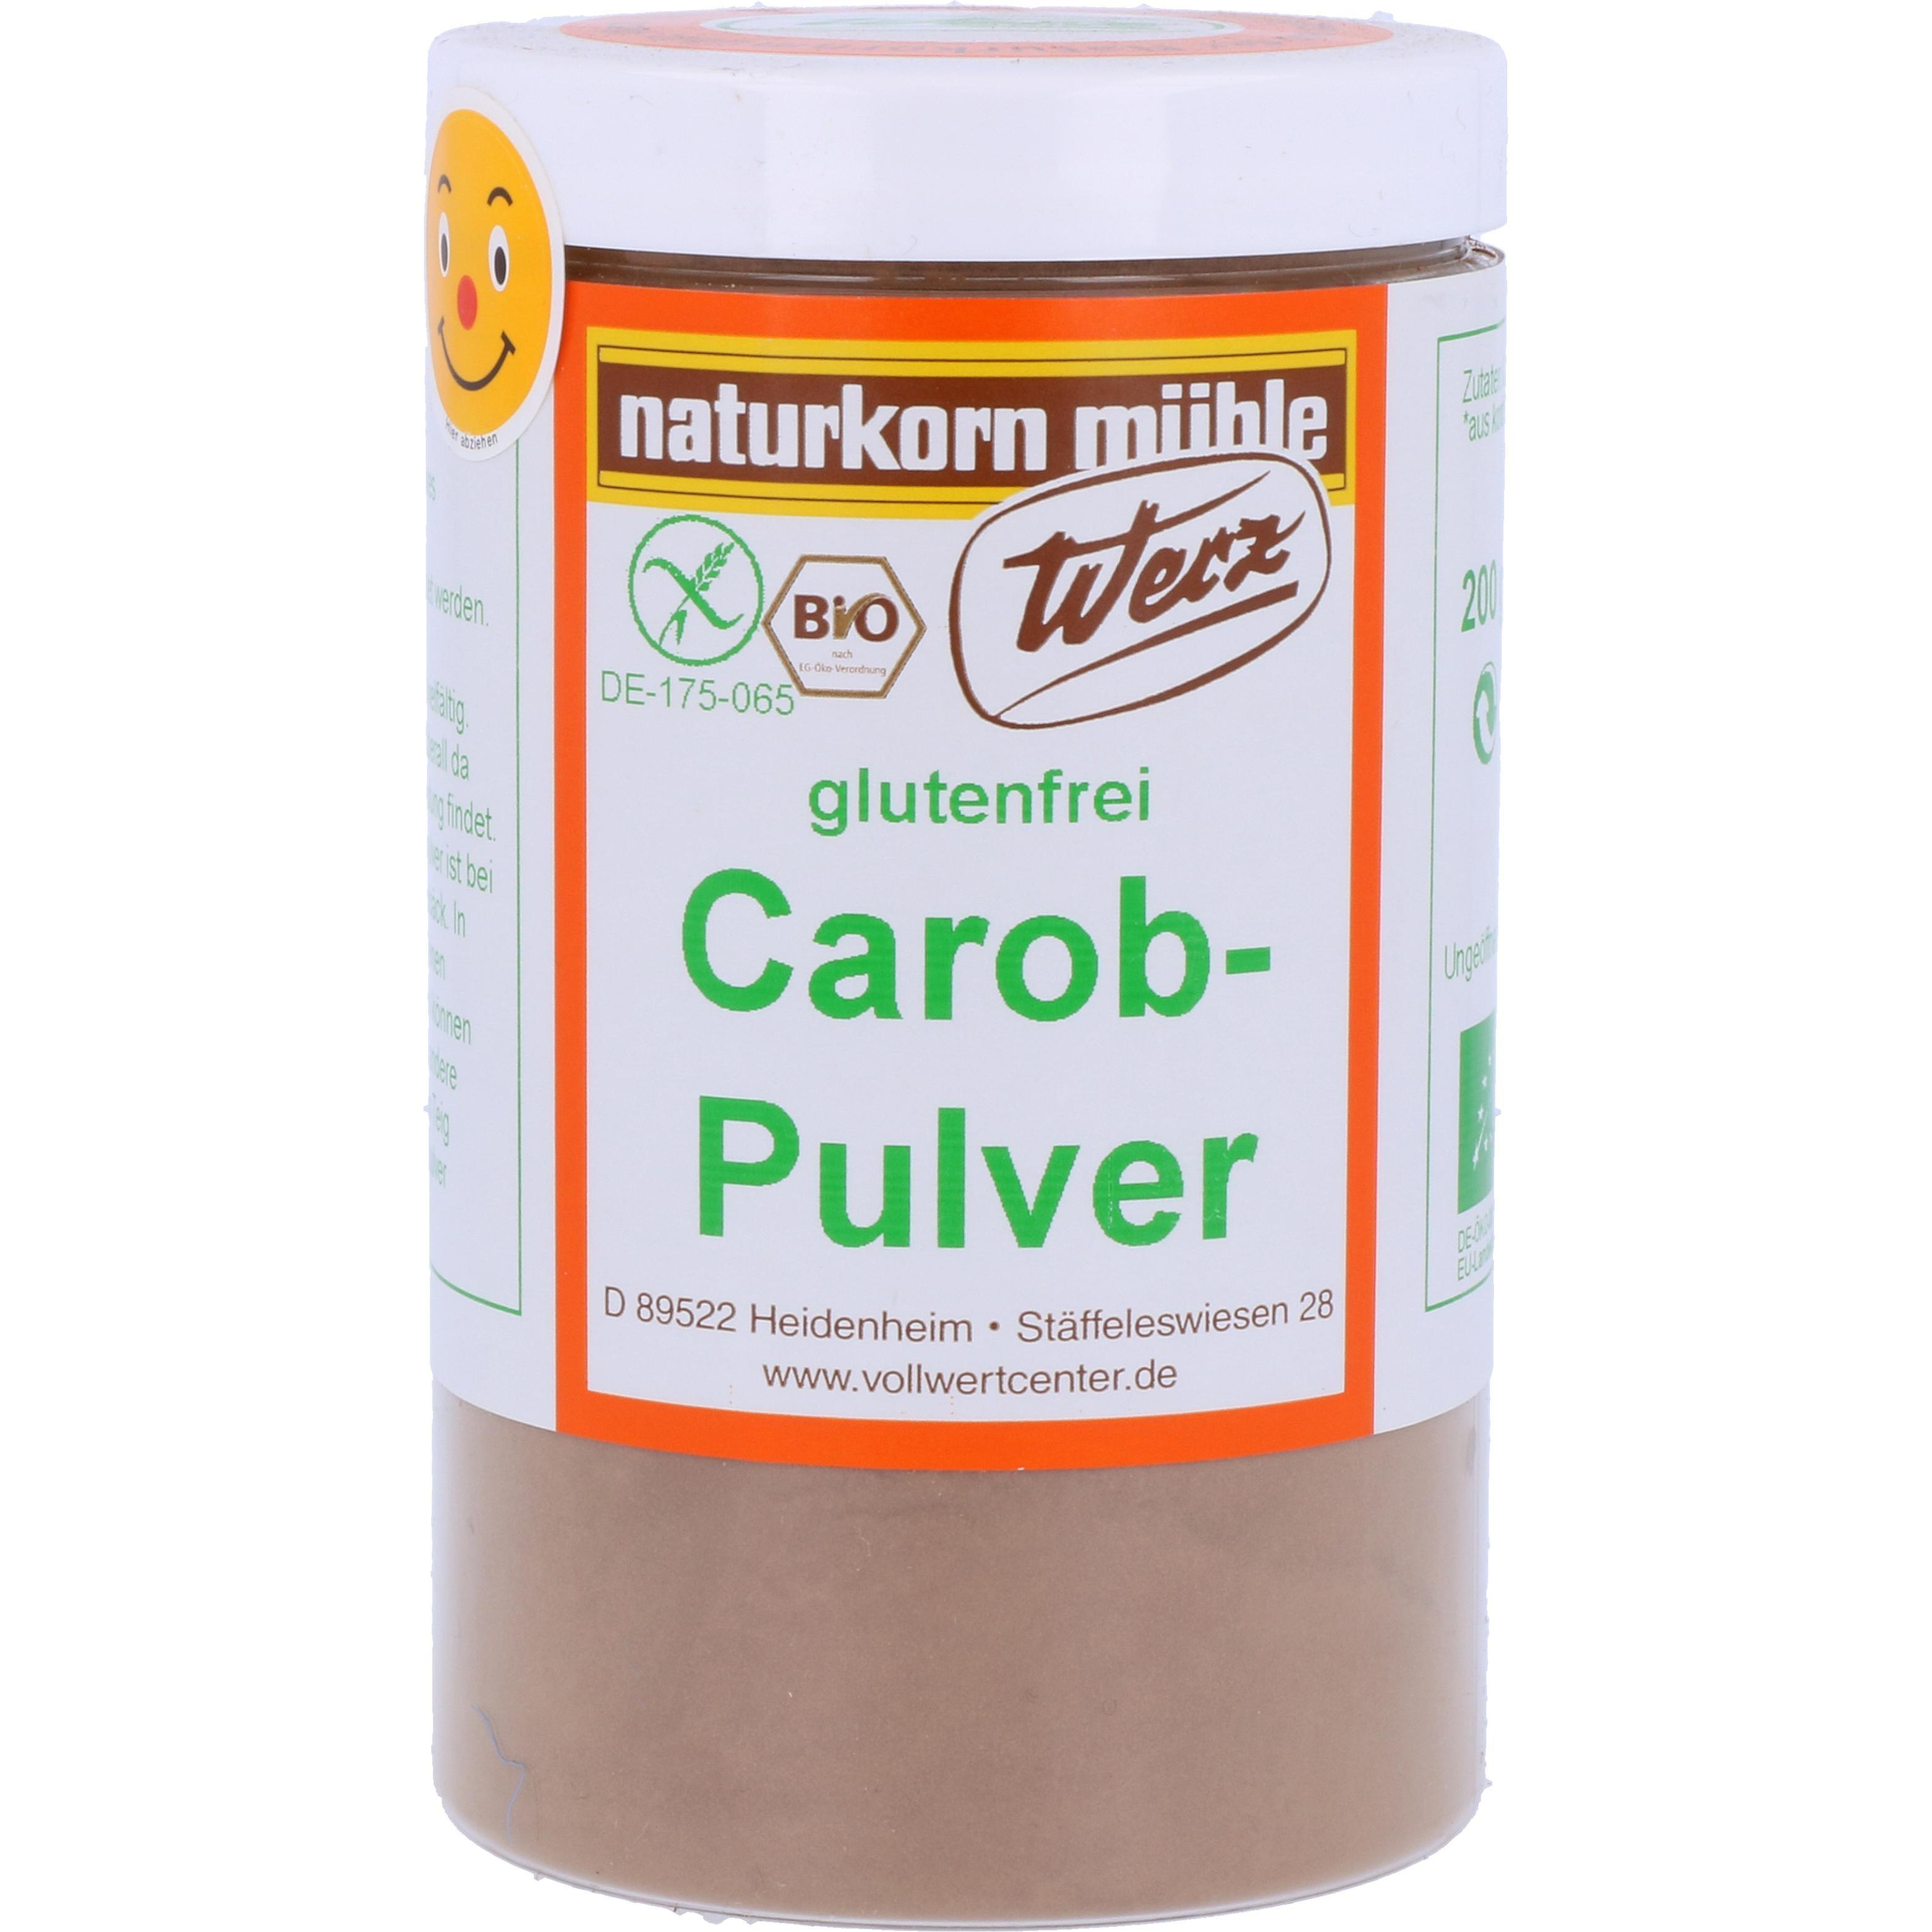 Werz Bio Carob Pulver 200g